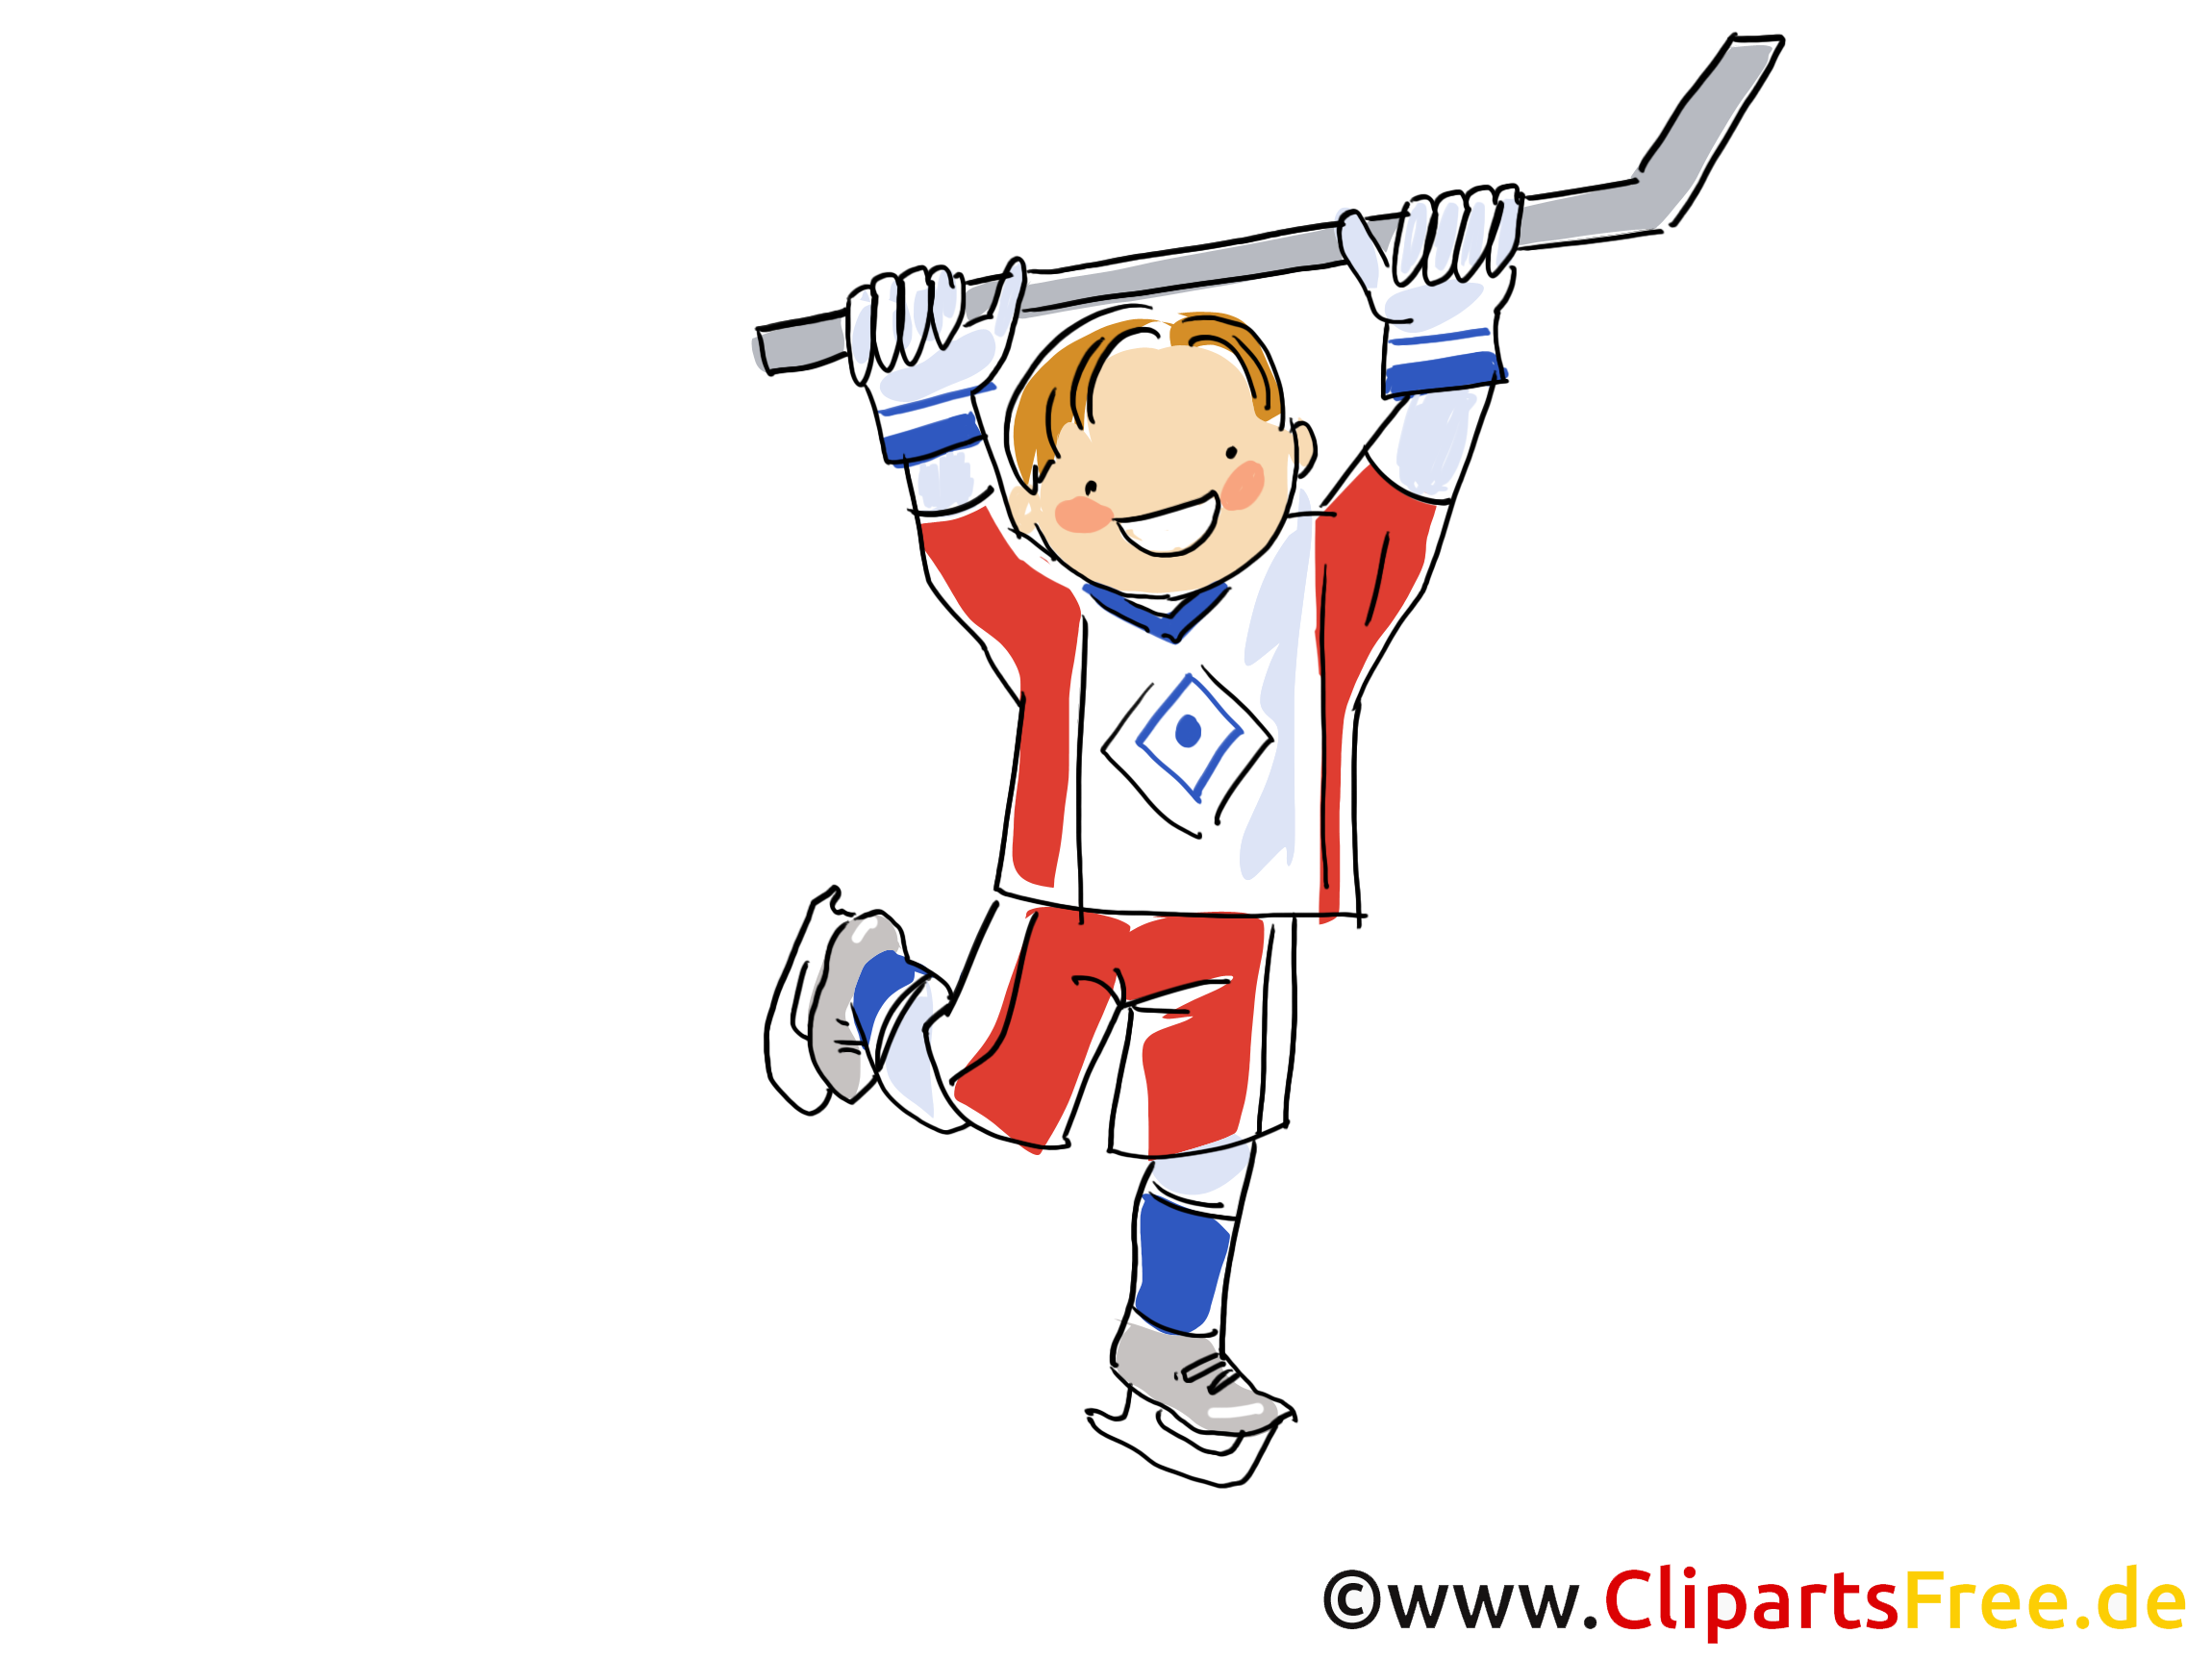 Joueur image gratuite - Hockey cliparts